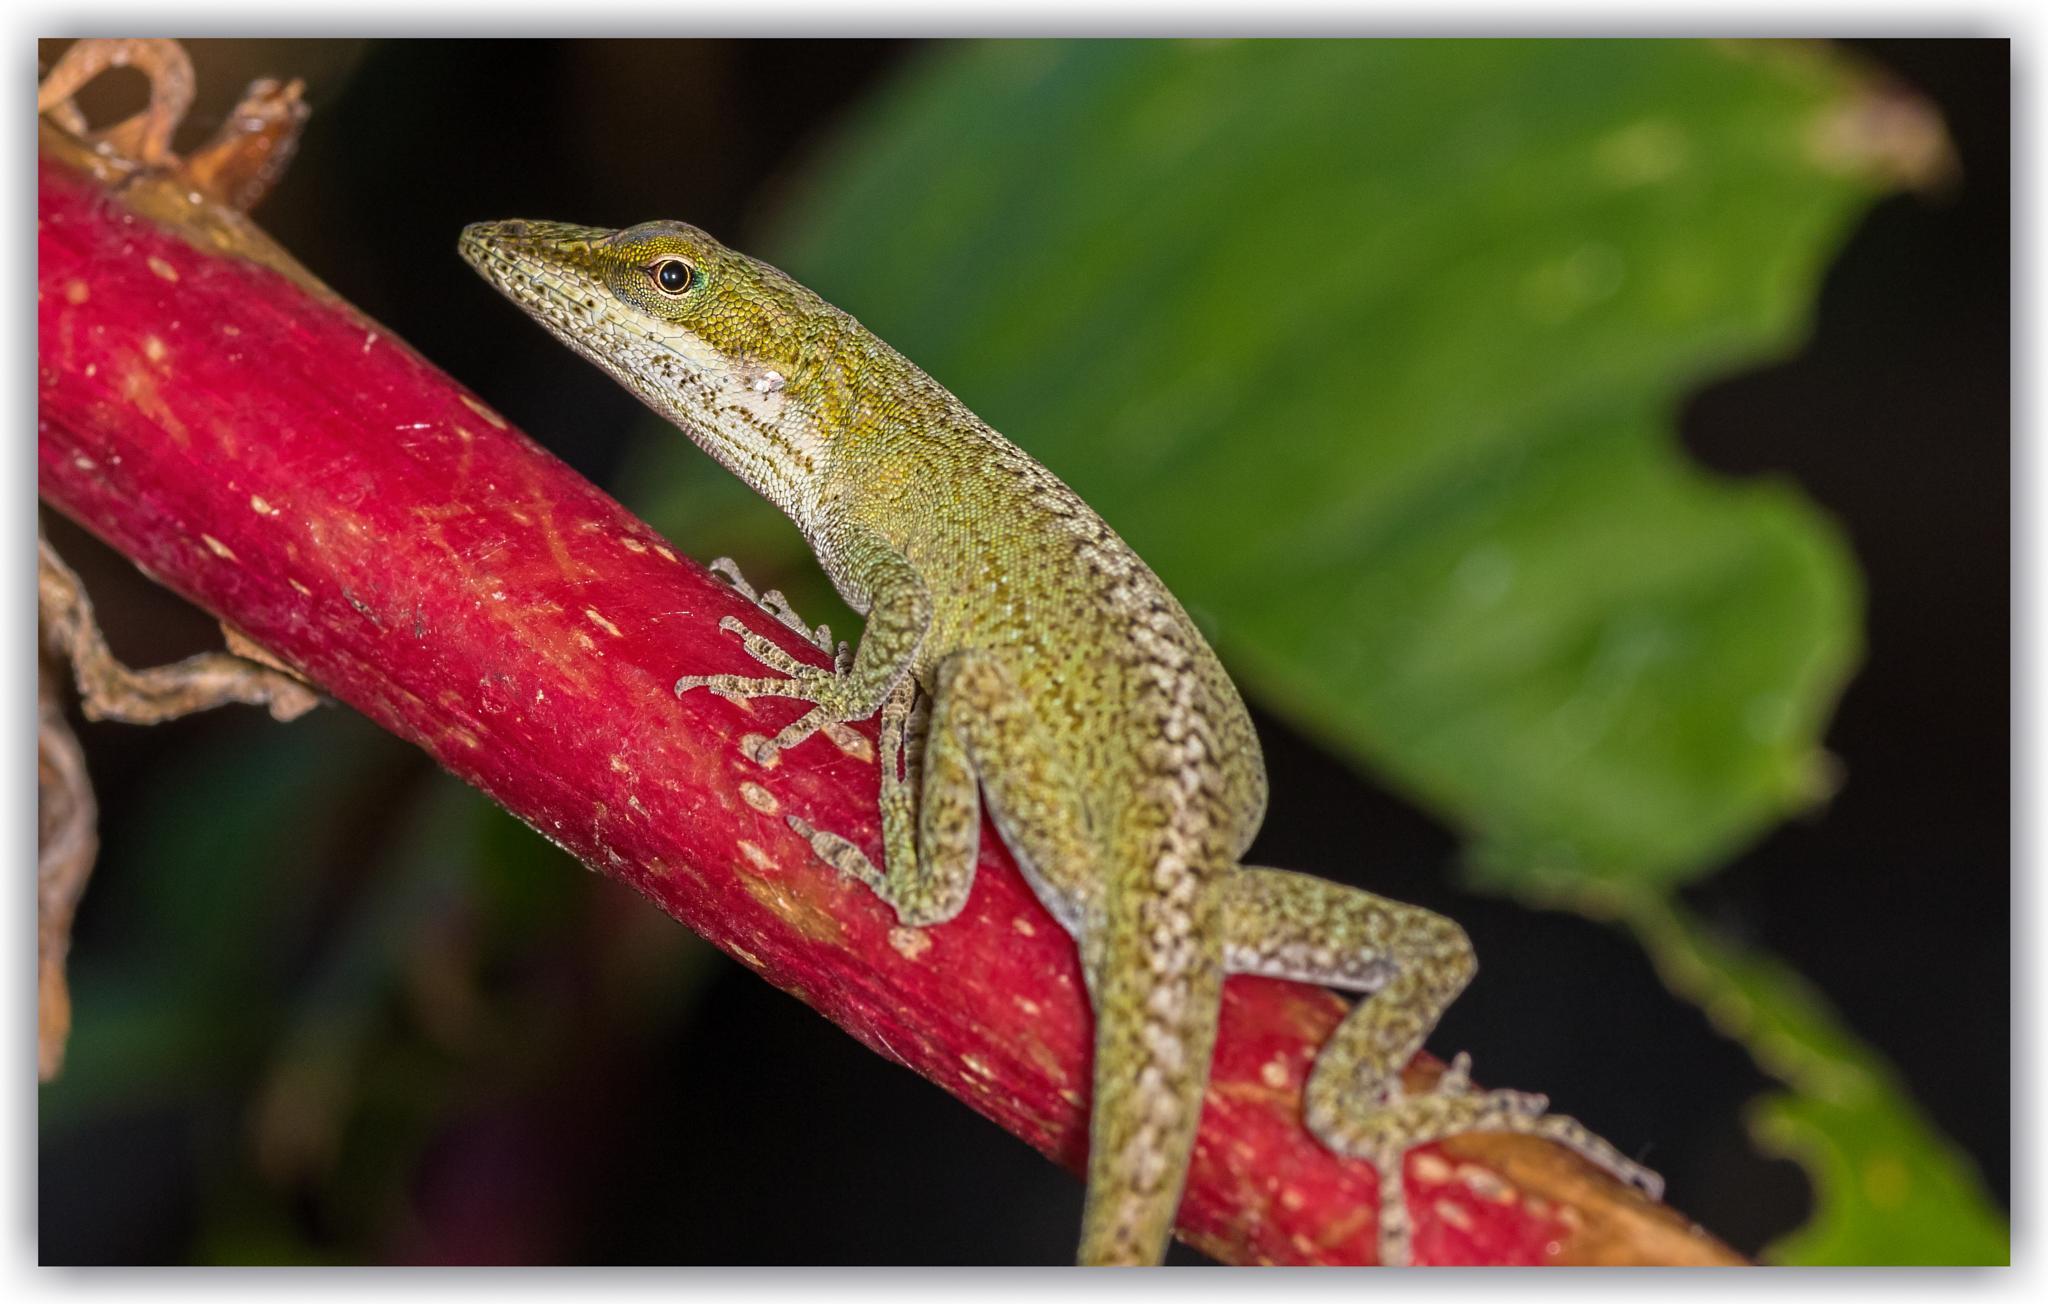 Anole lizard by bluesydude